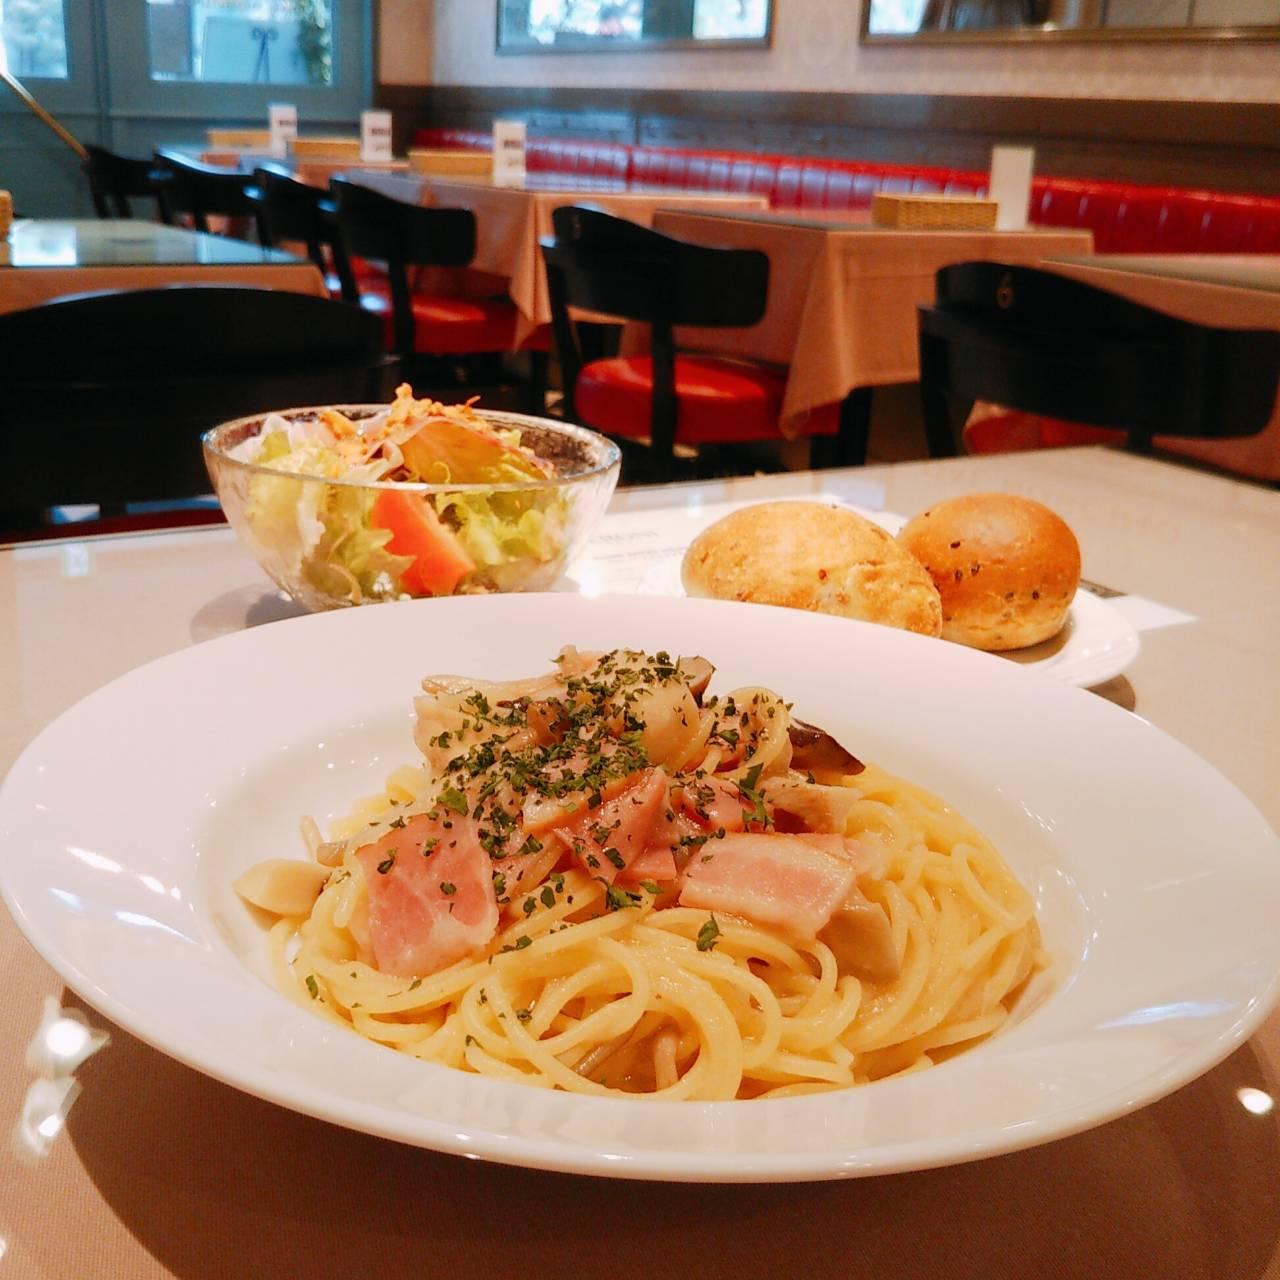 三ノ宮フラワーロード沿い 神戸市役所向かいに現れた 実力派シェフのイタリア料理店『ダルボスチーノ』